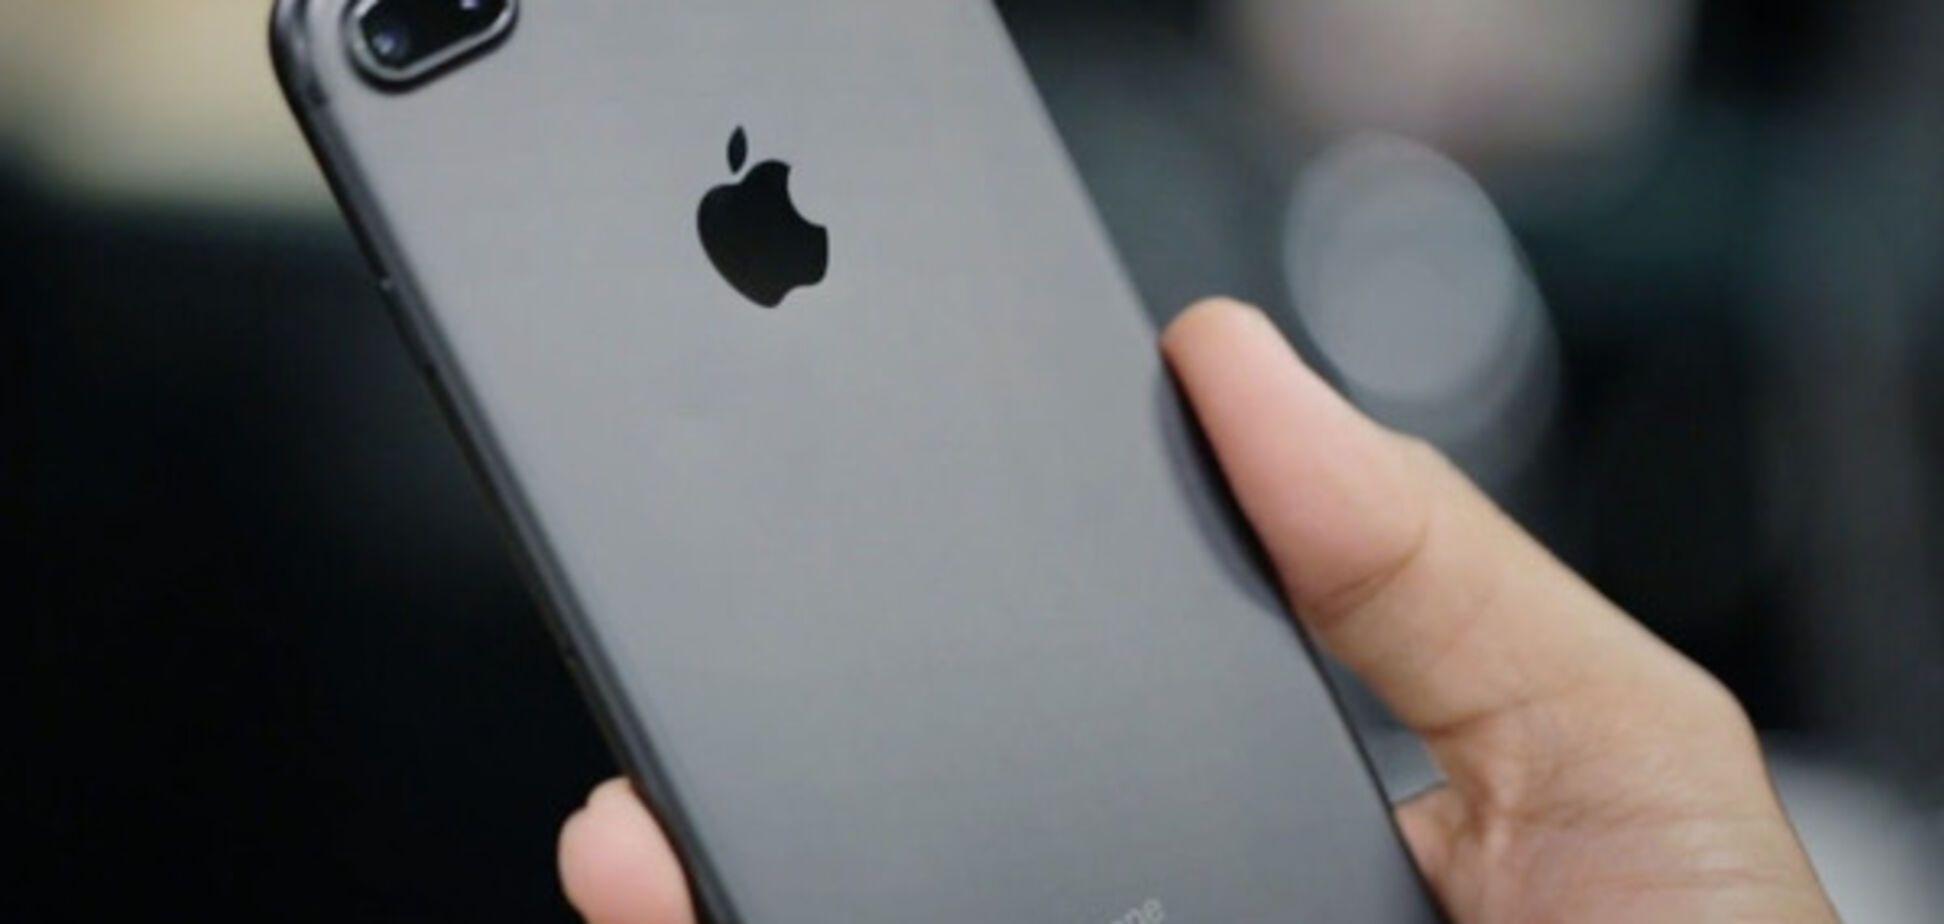 Образцовая порядочность: в области утерянный iPhone 7+ вернули хозяину